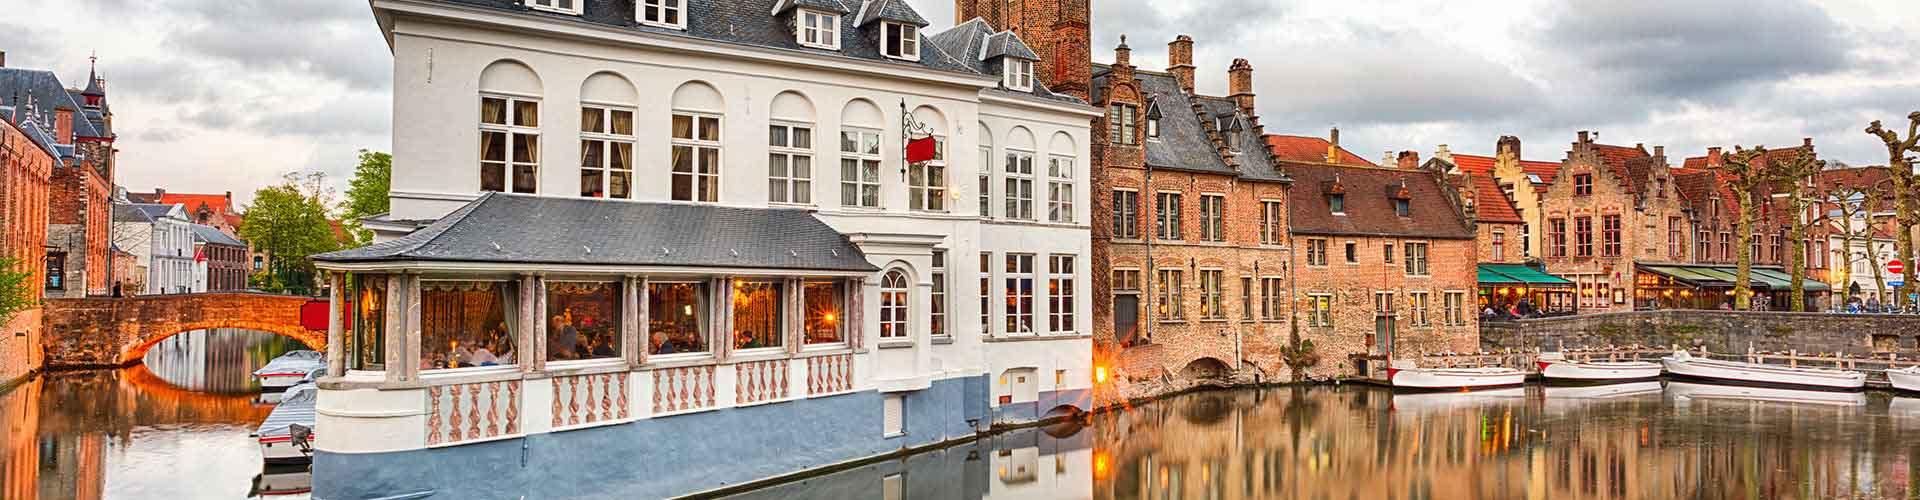 Brujas - Hoteles baratos cerca a City Center. Mapas de Brujas, Fotos y comentarios de cada Hotel en Brujas.